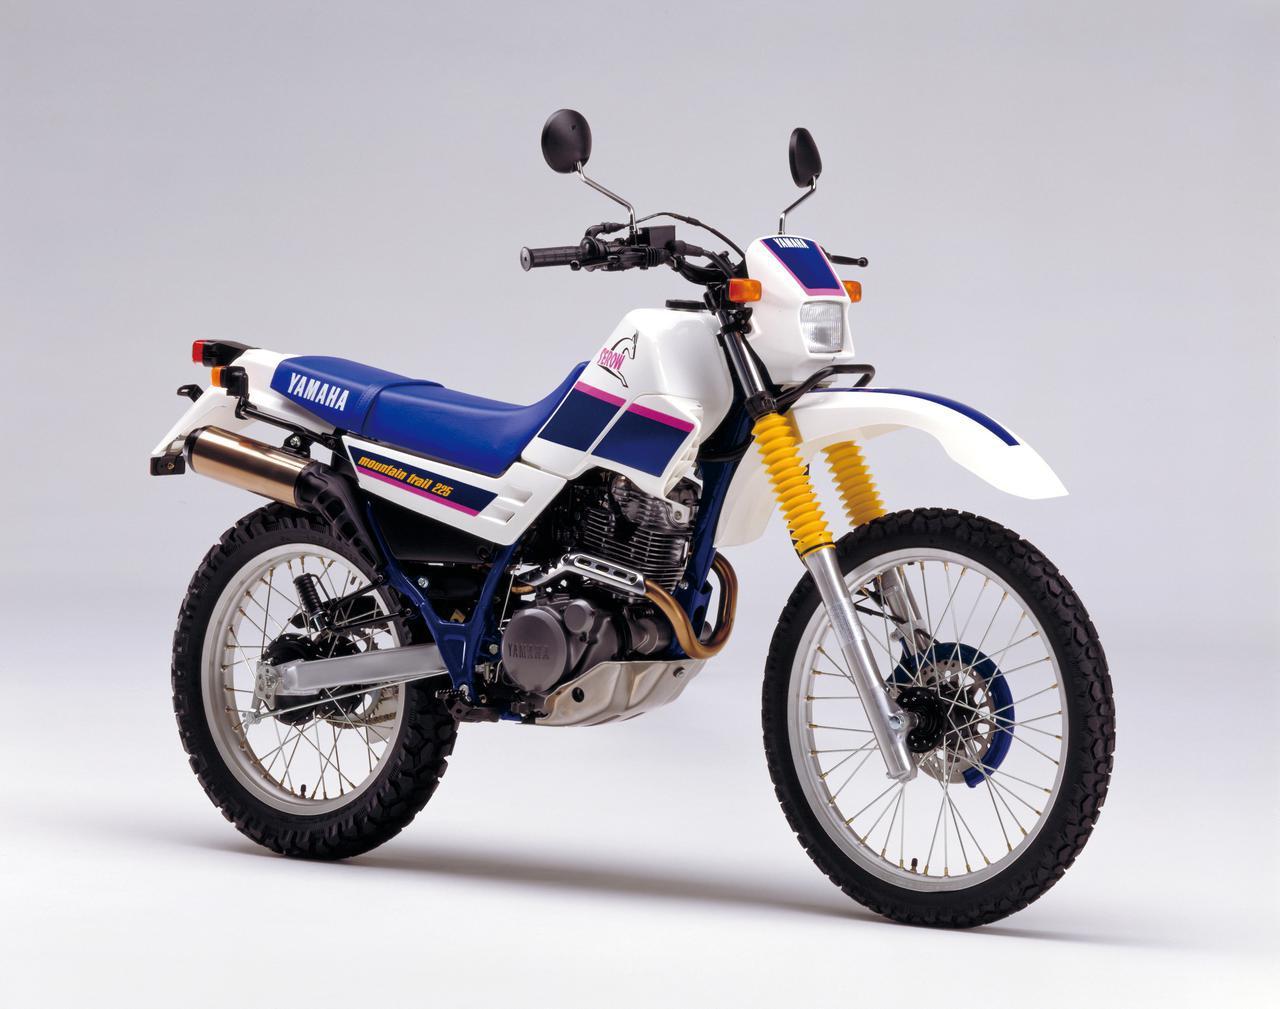 画像: 1989年 セルモーターを搭載して始動性を向上。シートの肉厚やバッテリー容量もアップさせ、一気にファンを拡大した。